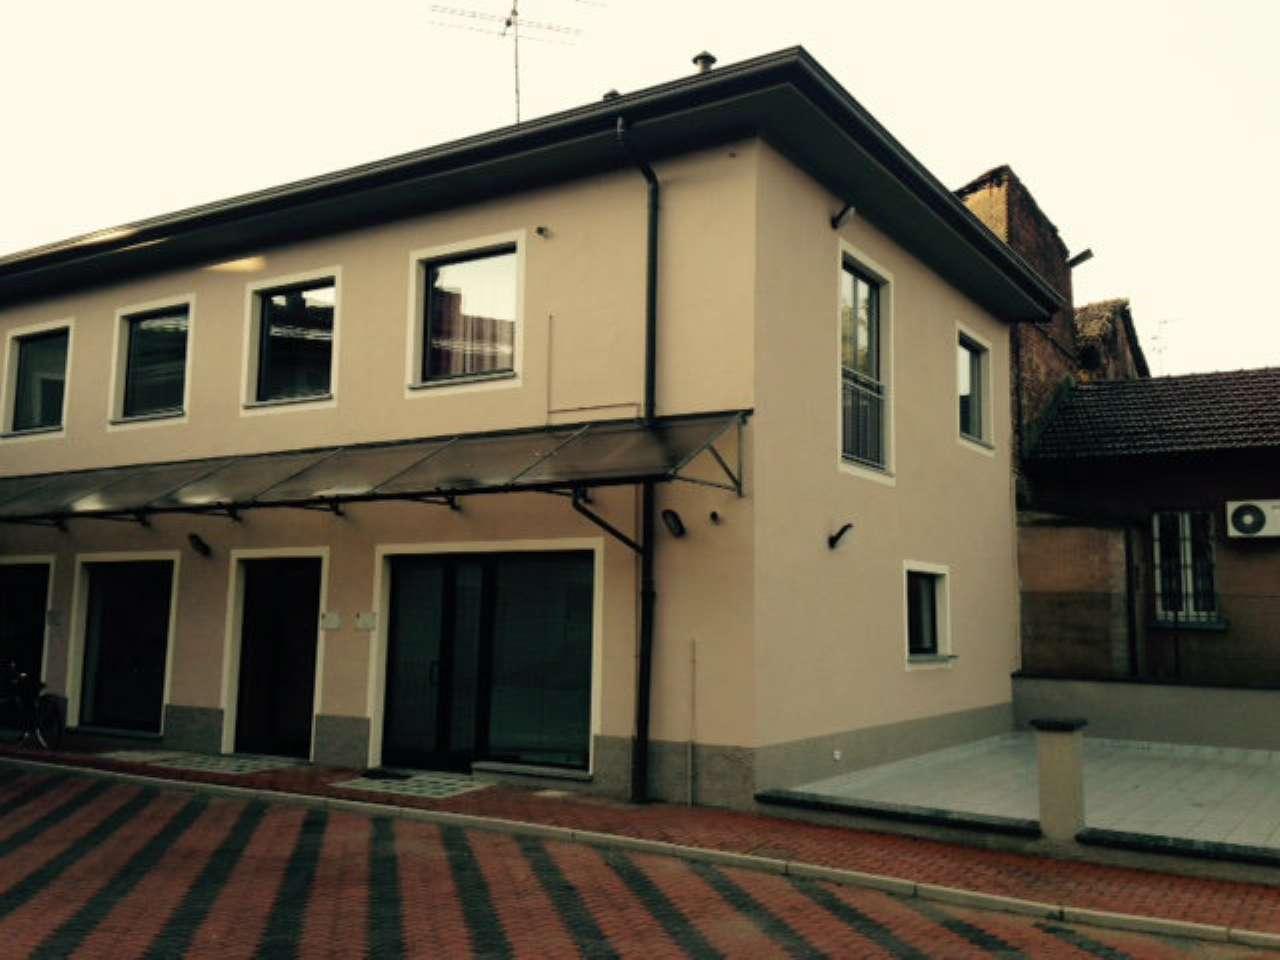 Ufficio / Studio in affitto a Treviglio, 1 locali, prezzo € 1.000 | PortaleAgenzieImmobiliari.it